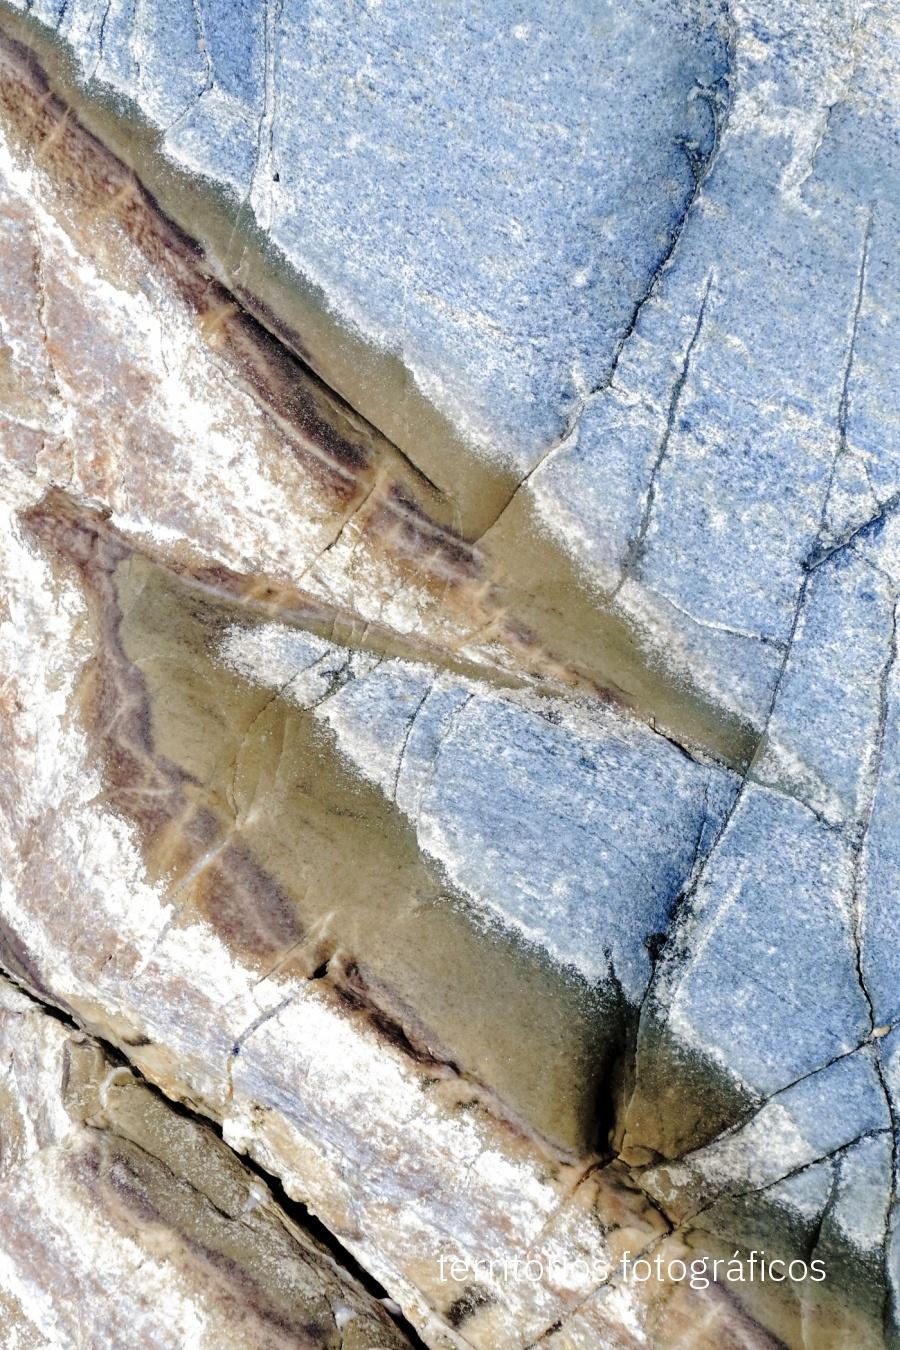 rocks - territorios fotográficos